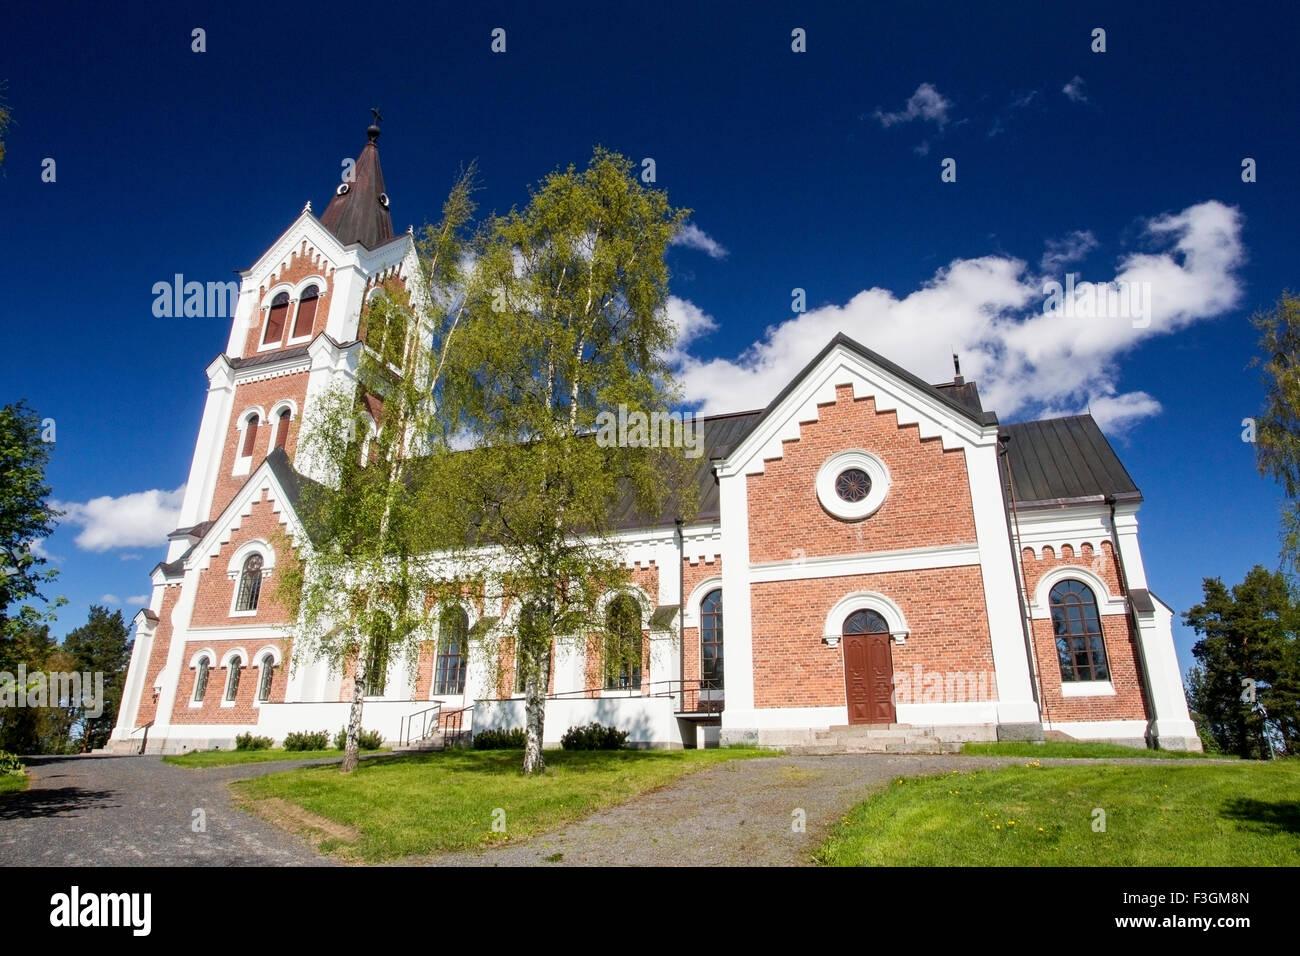 Church near Liminka, Oulu, Finland. - Stock Image